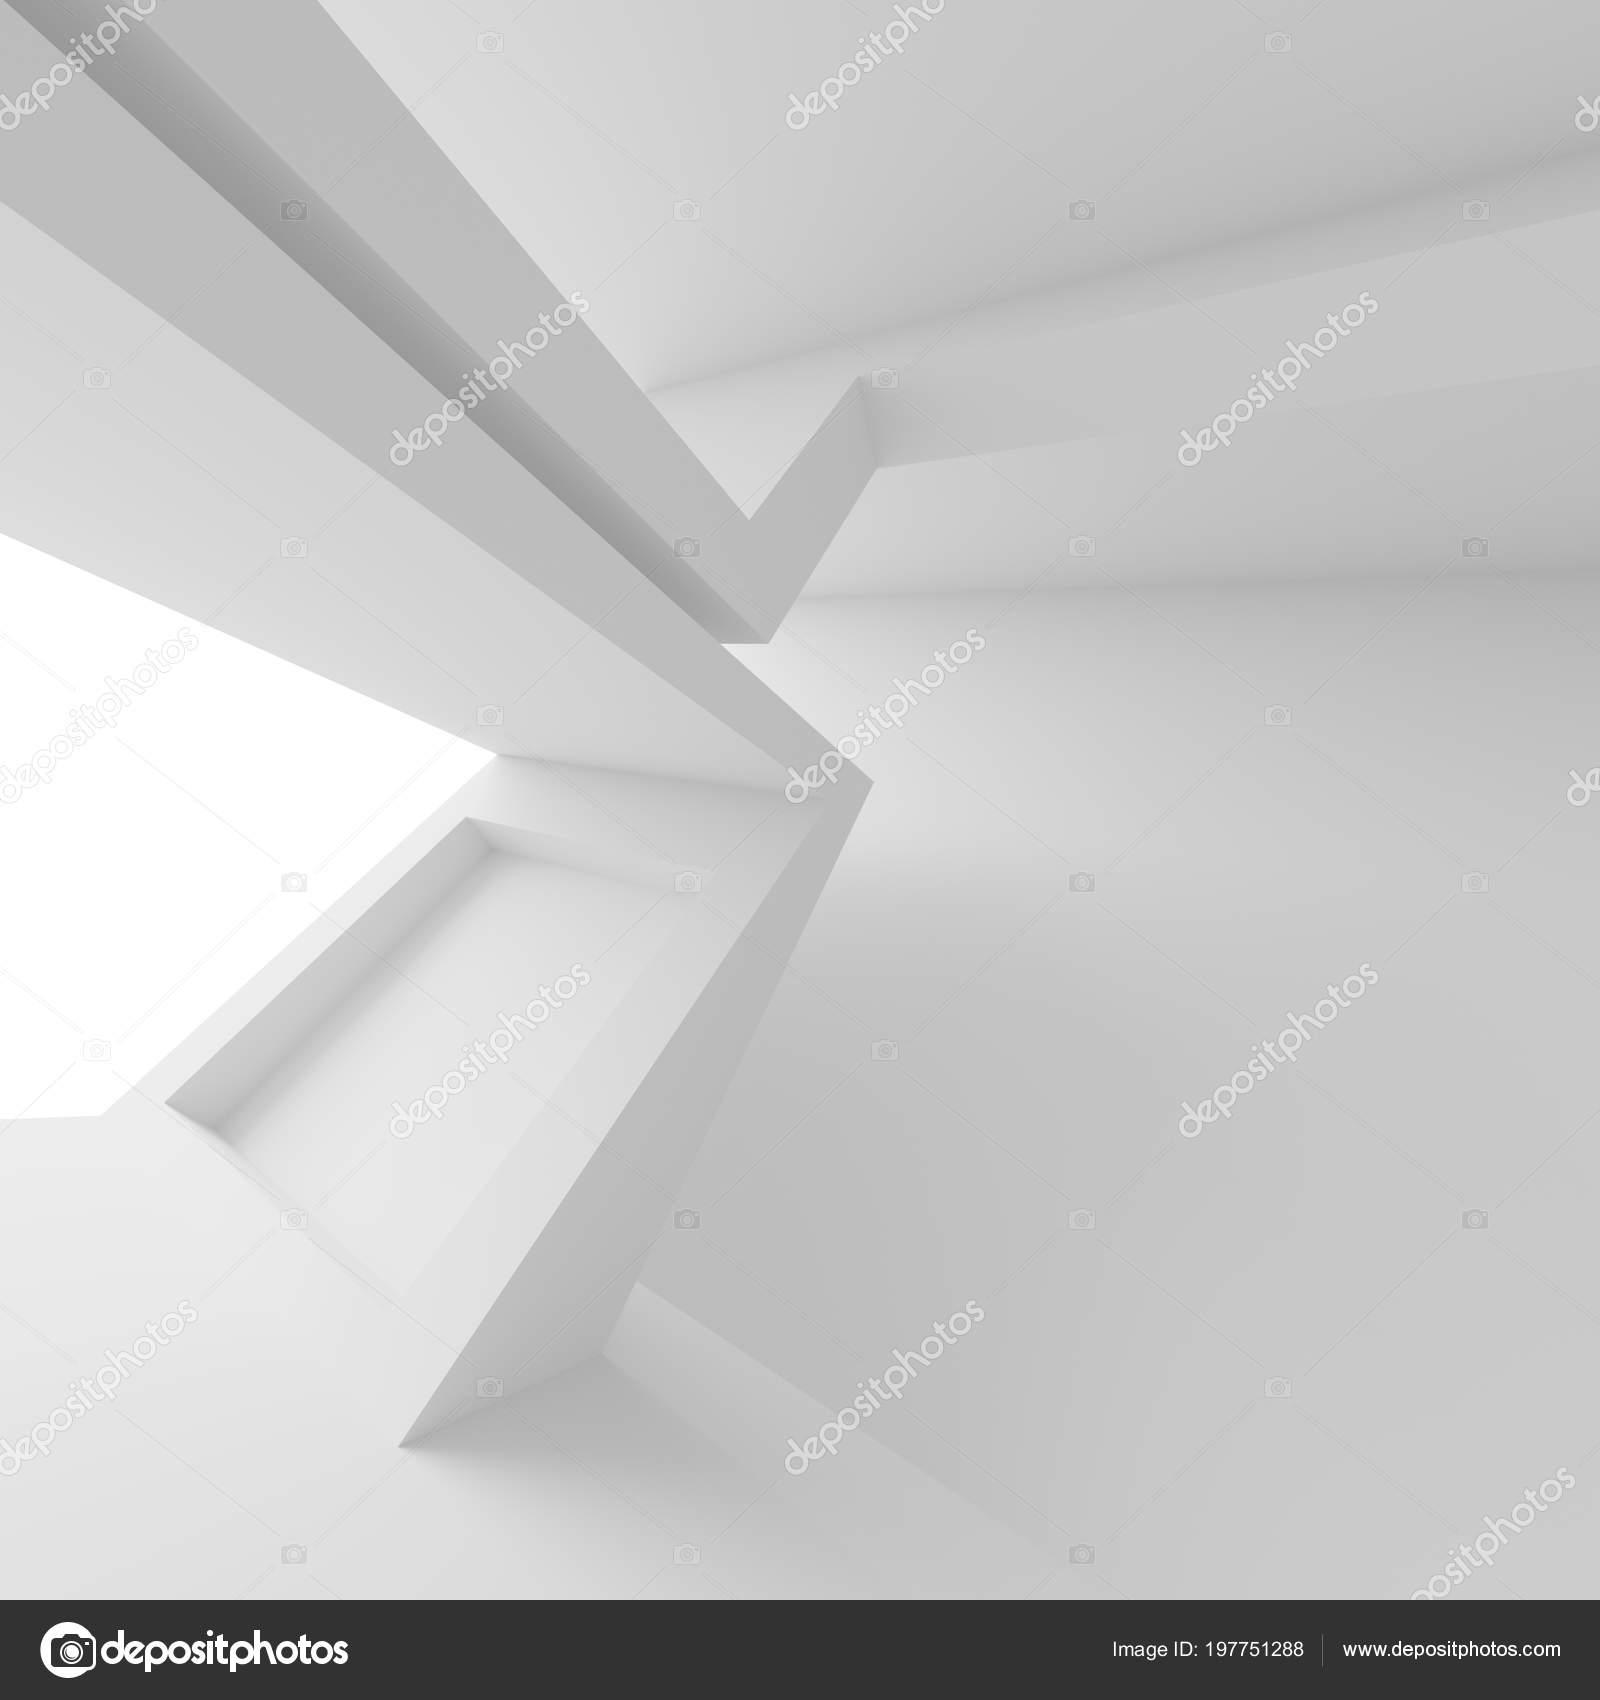 Abstrakte Innere Hintergrund Weisser Raum Mit Fenster Moderne Architektur Wallpaper Stockfoto